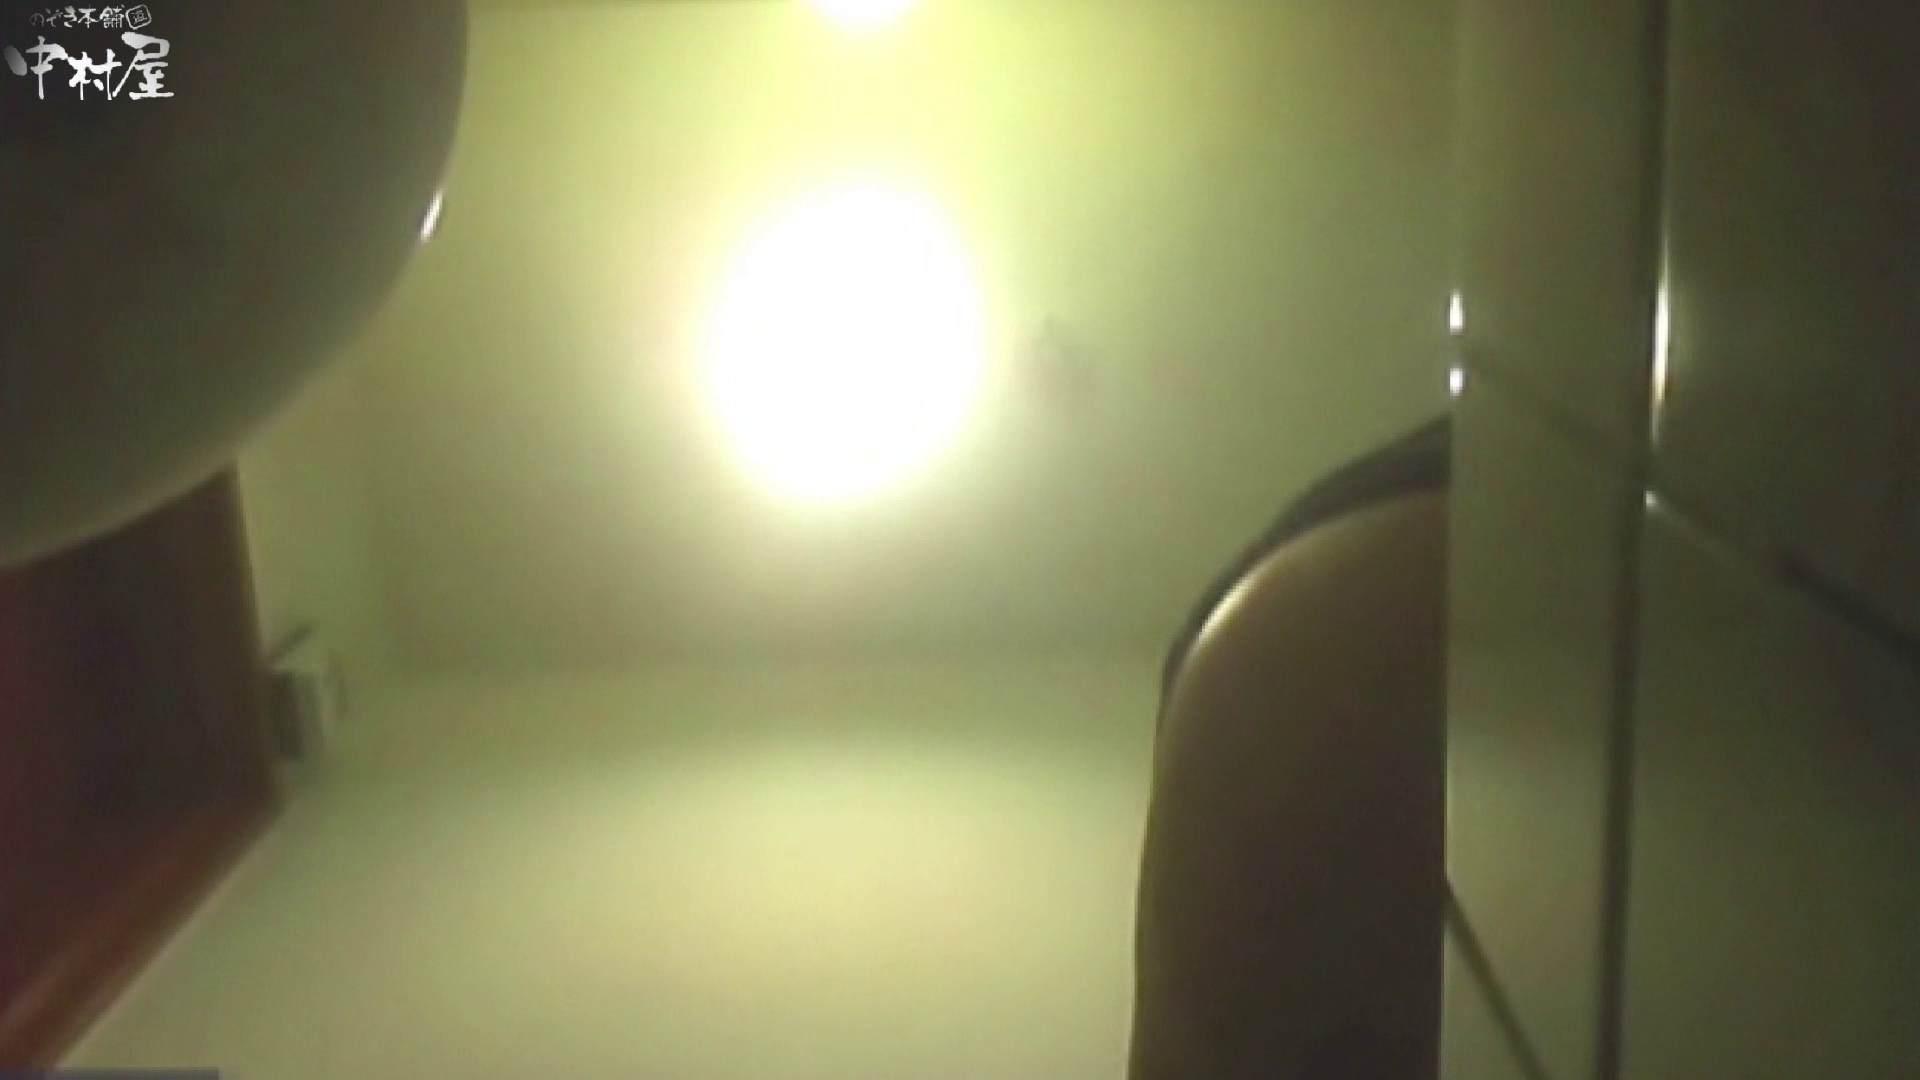 解禁!海の家4カメ洗面所vol.15 人気シリーズ スケベ動画紹介 112PIX 92